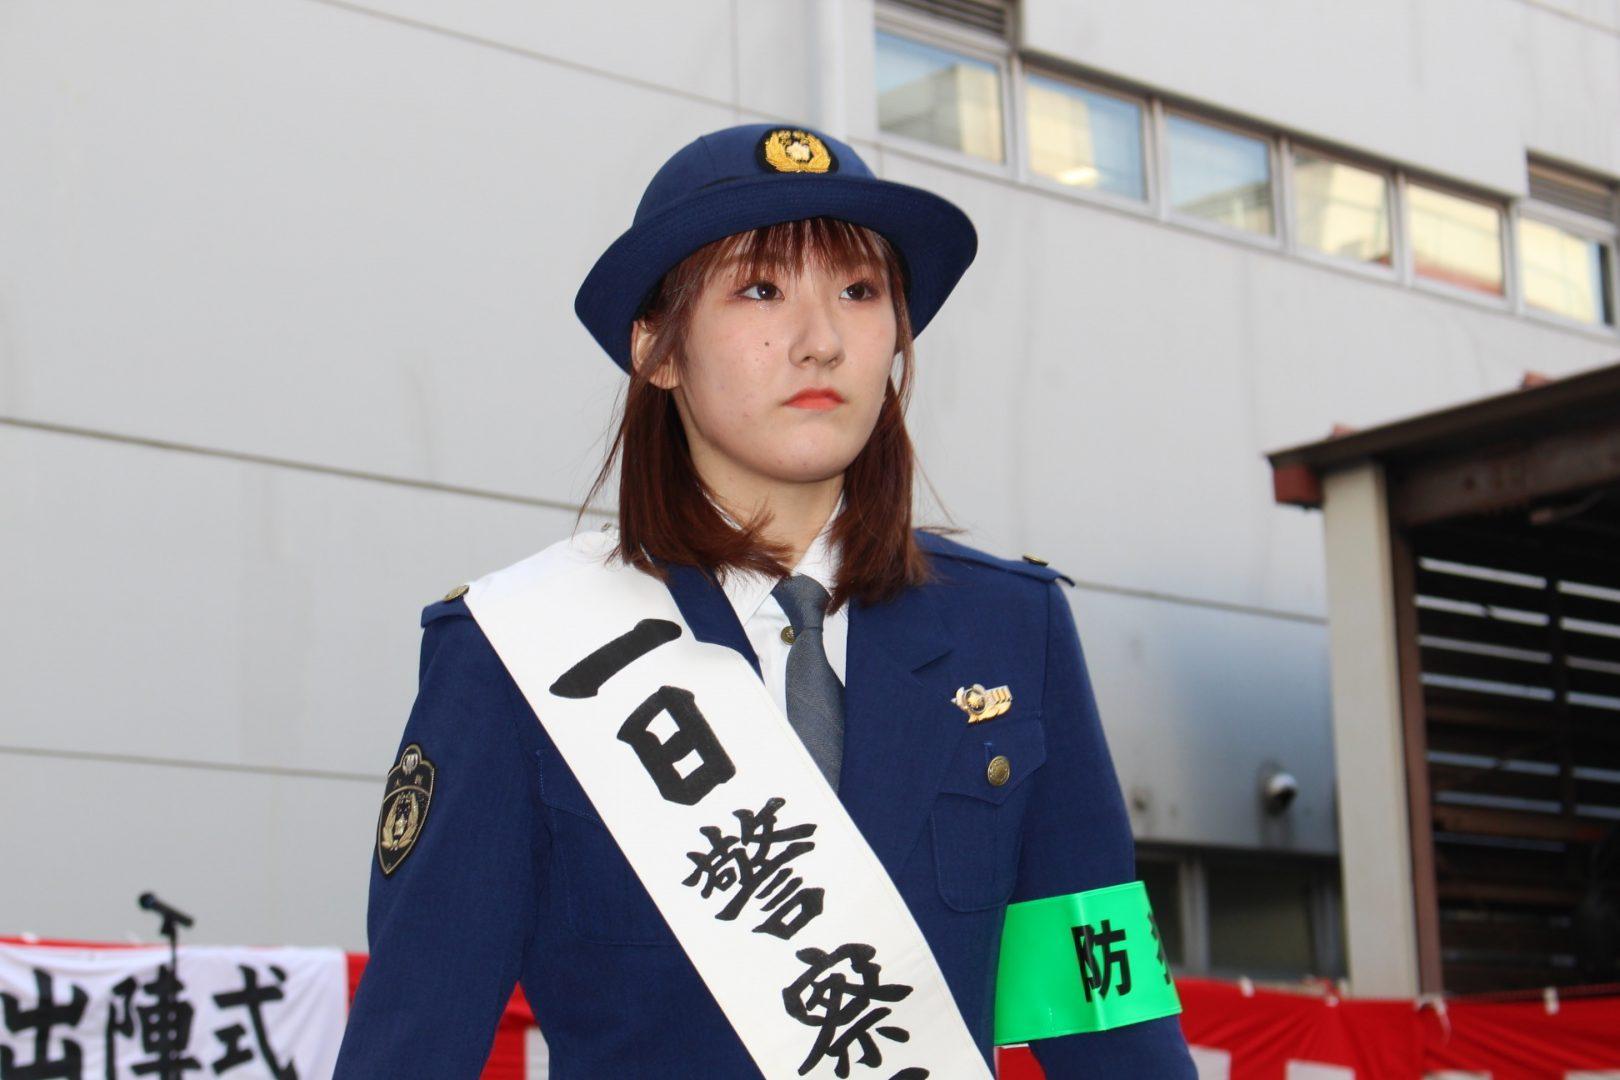 【Tリーグ】加藤美優が大淀警察署長に 大阪の安全願って快速スマッシュ